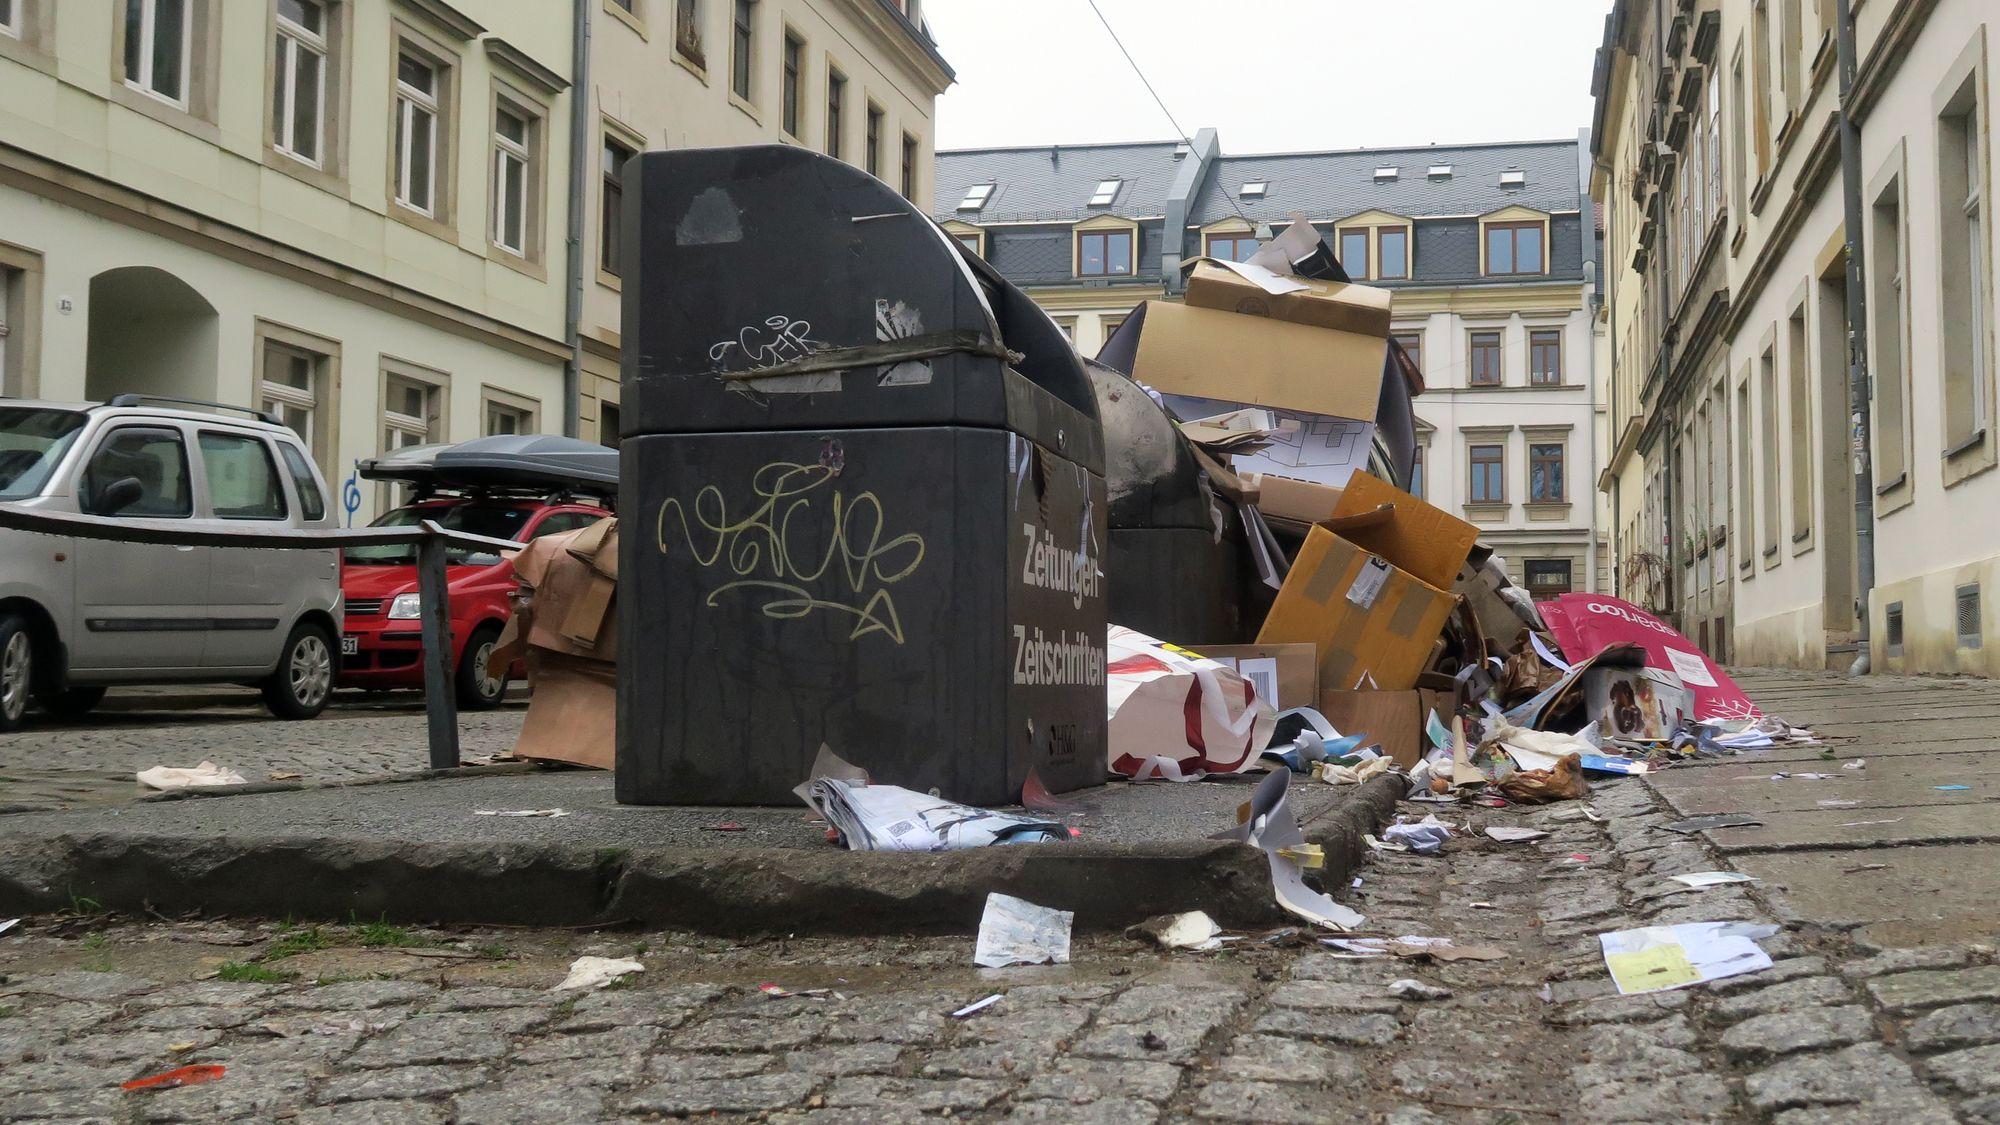 Voller Unterflur-Container an der Talstraße